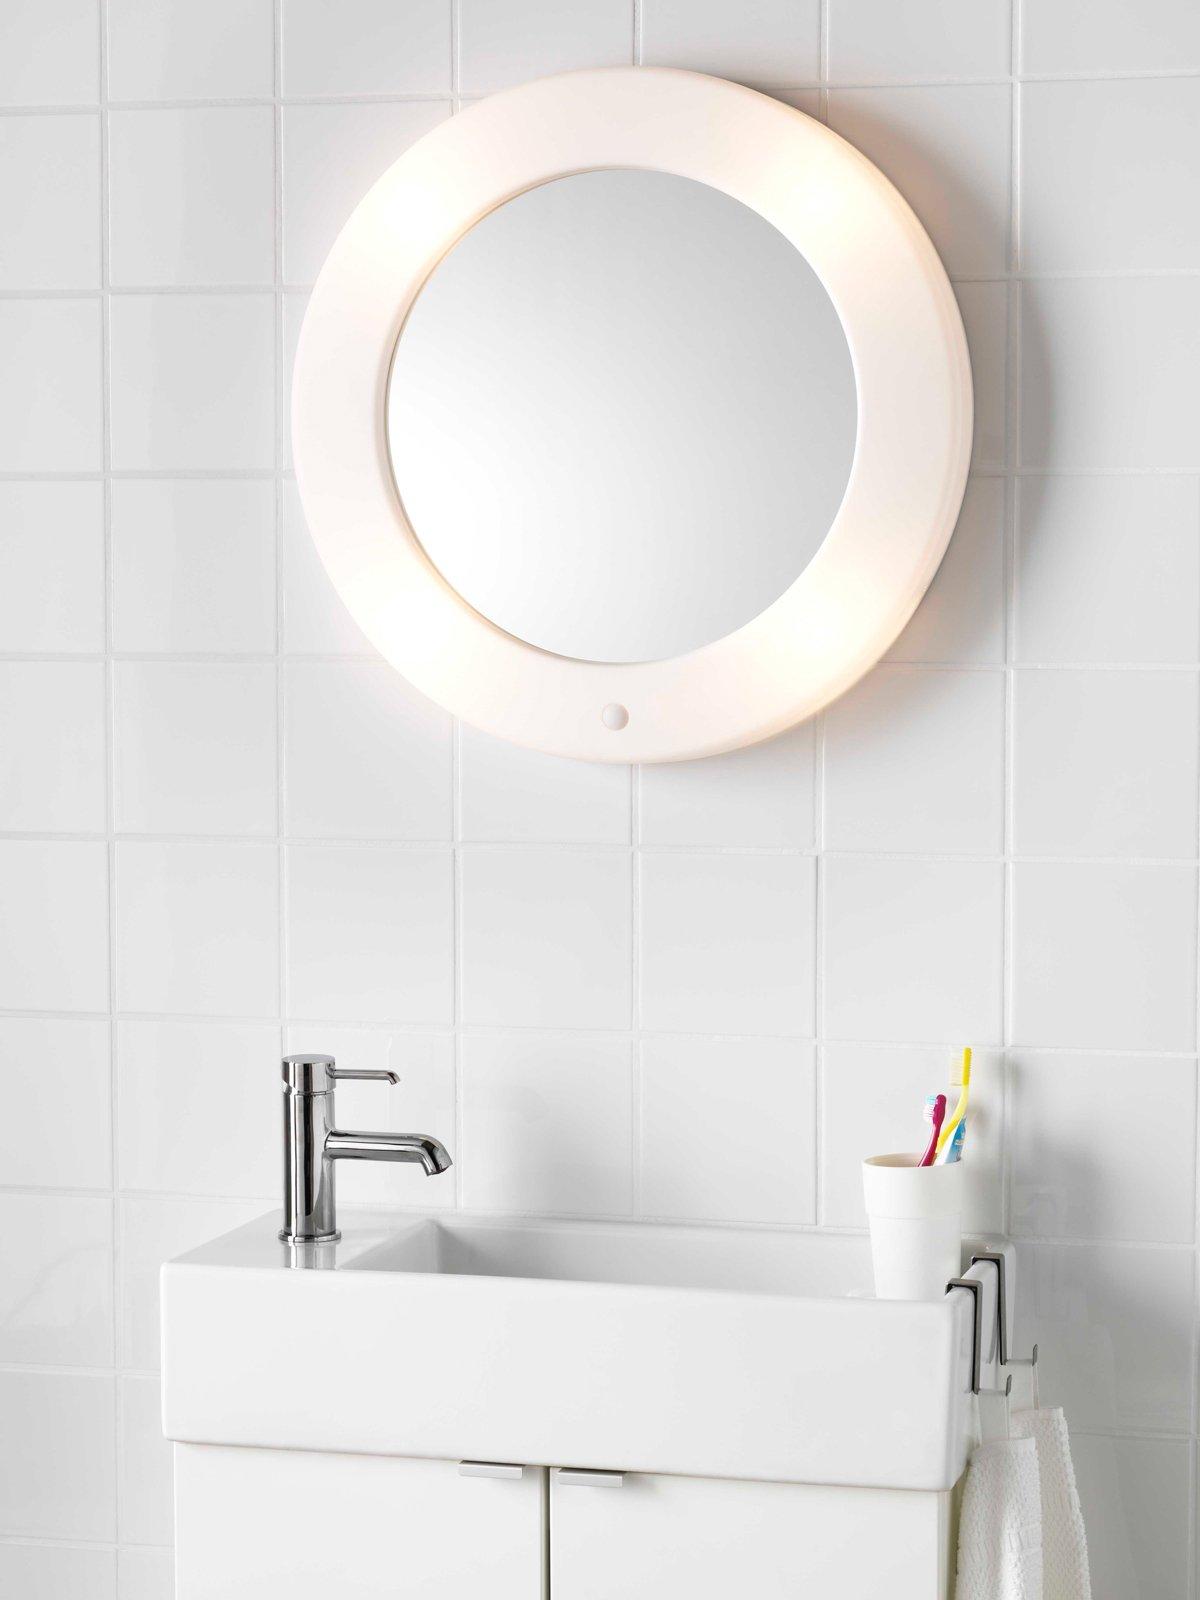 Specchi sopra il lavabo cose di casa - Idee specchi per bagno ...